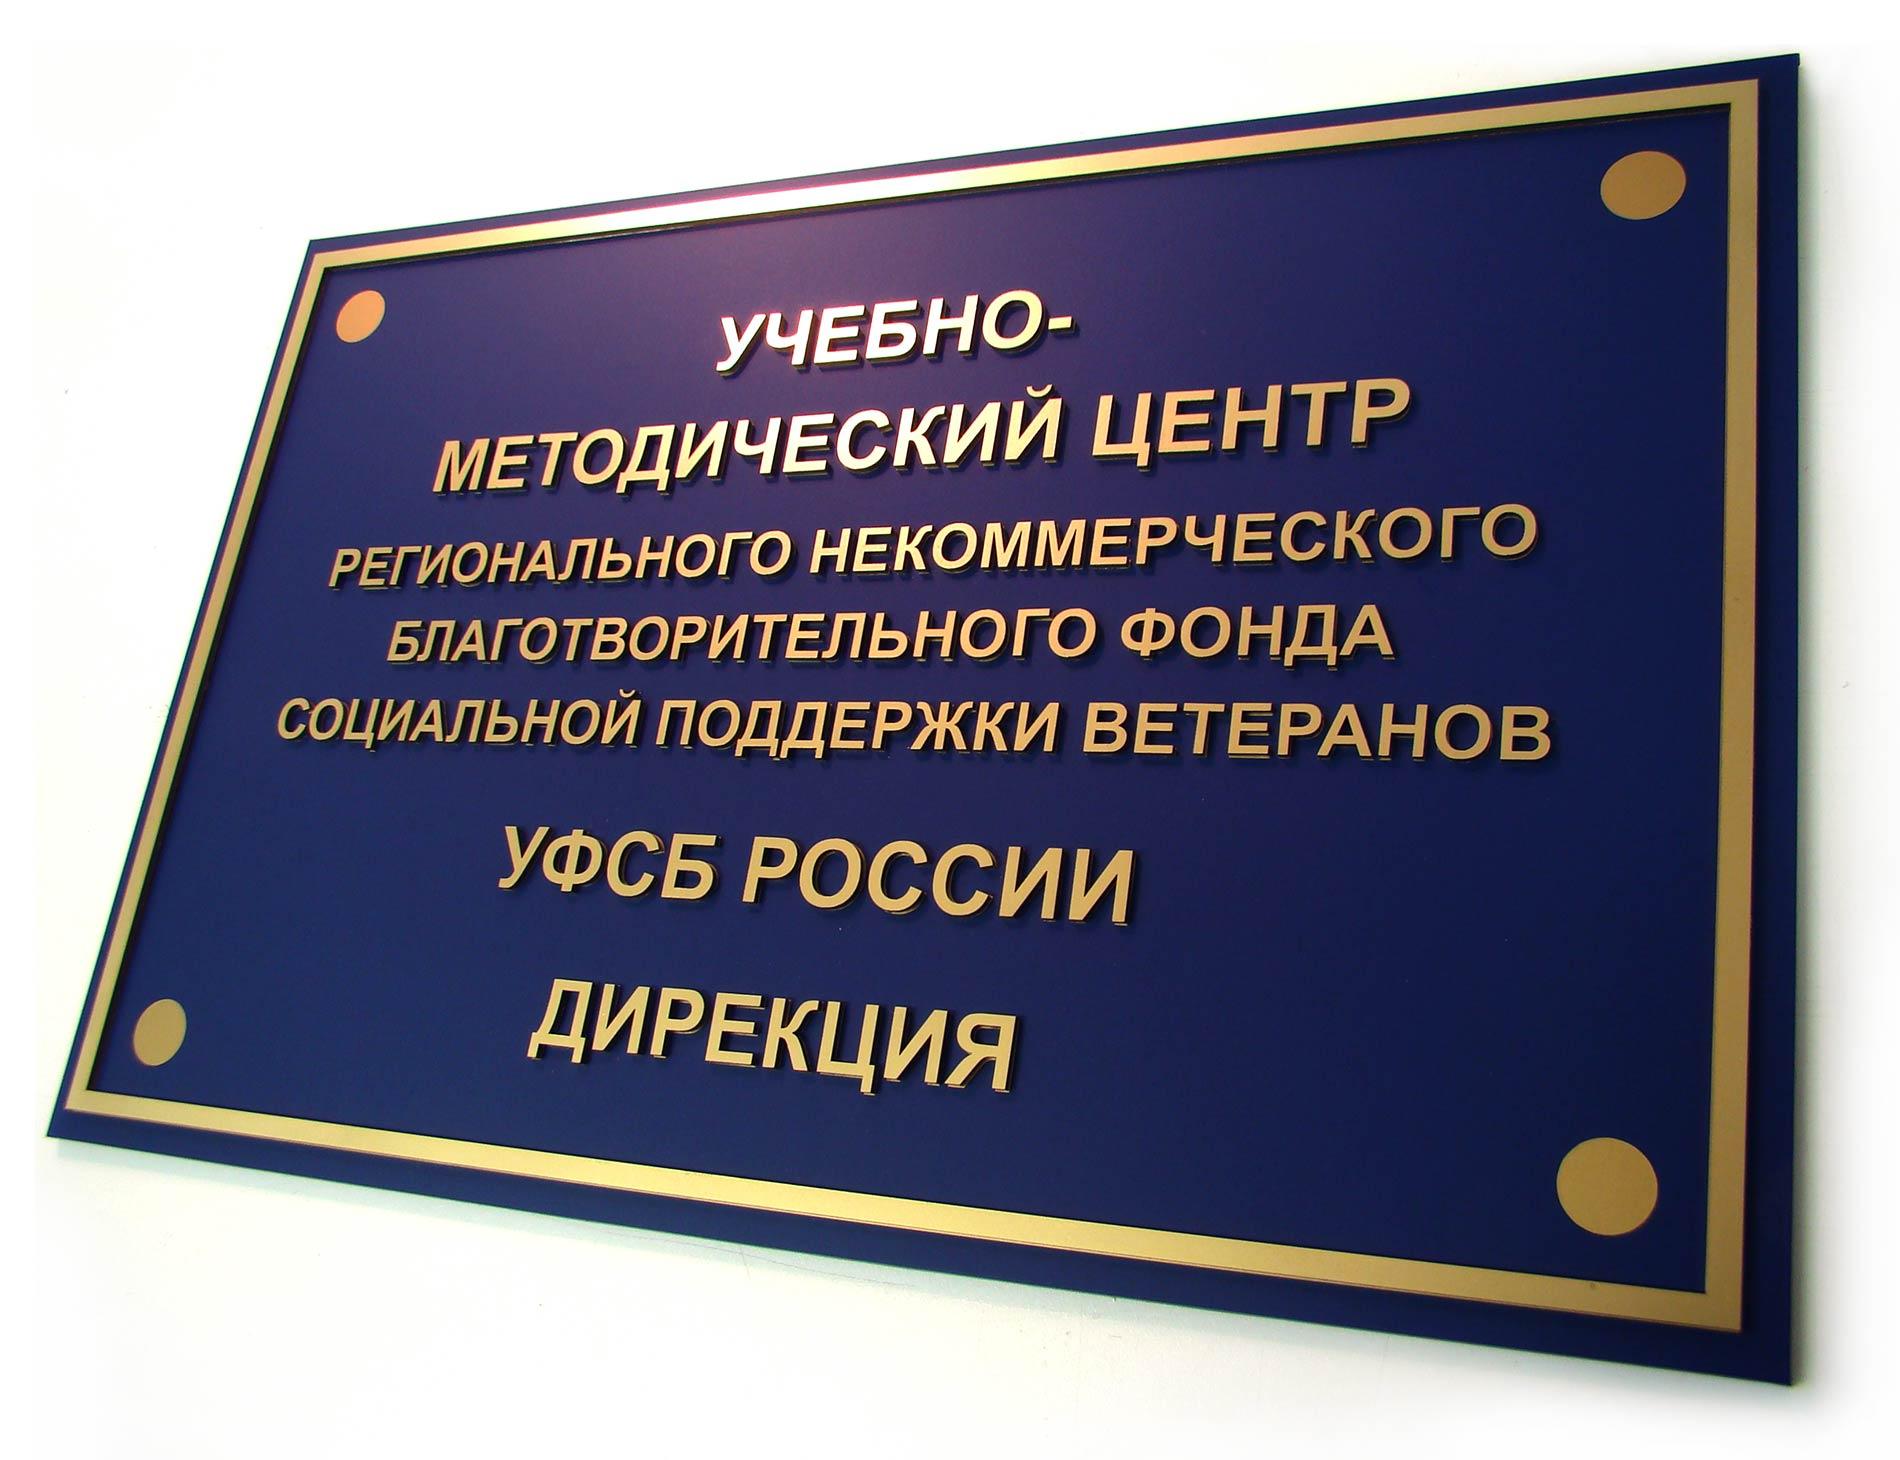 Табличка с объемными буквами и рамкой